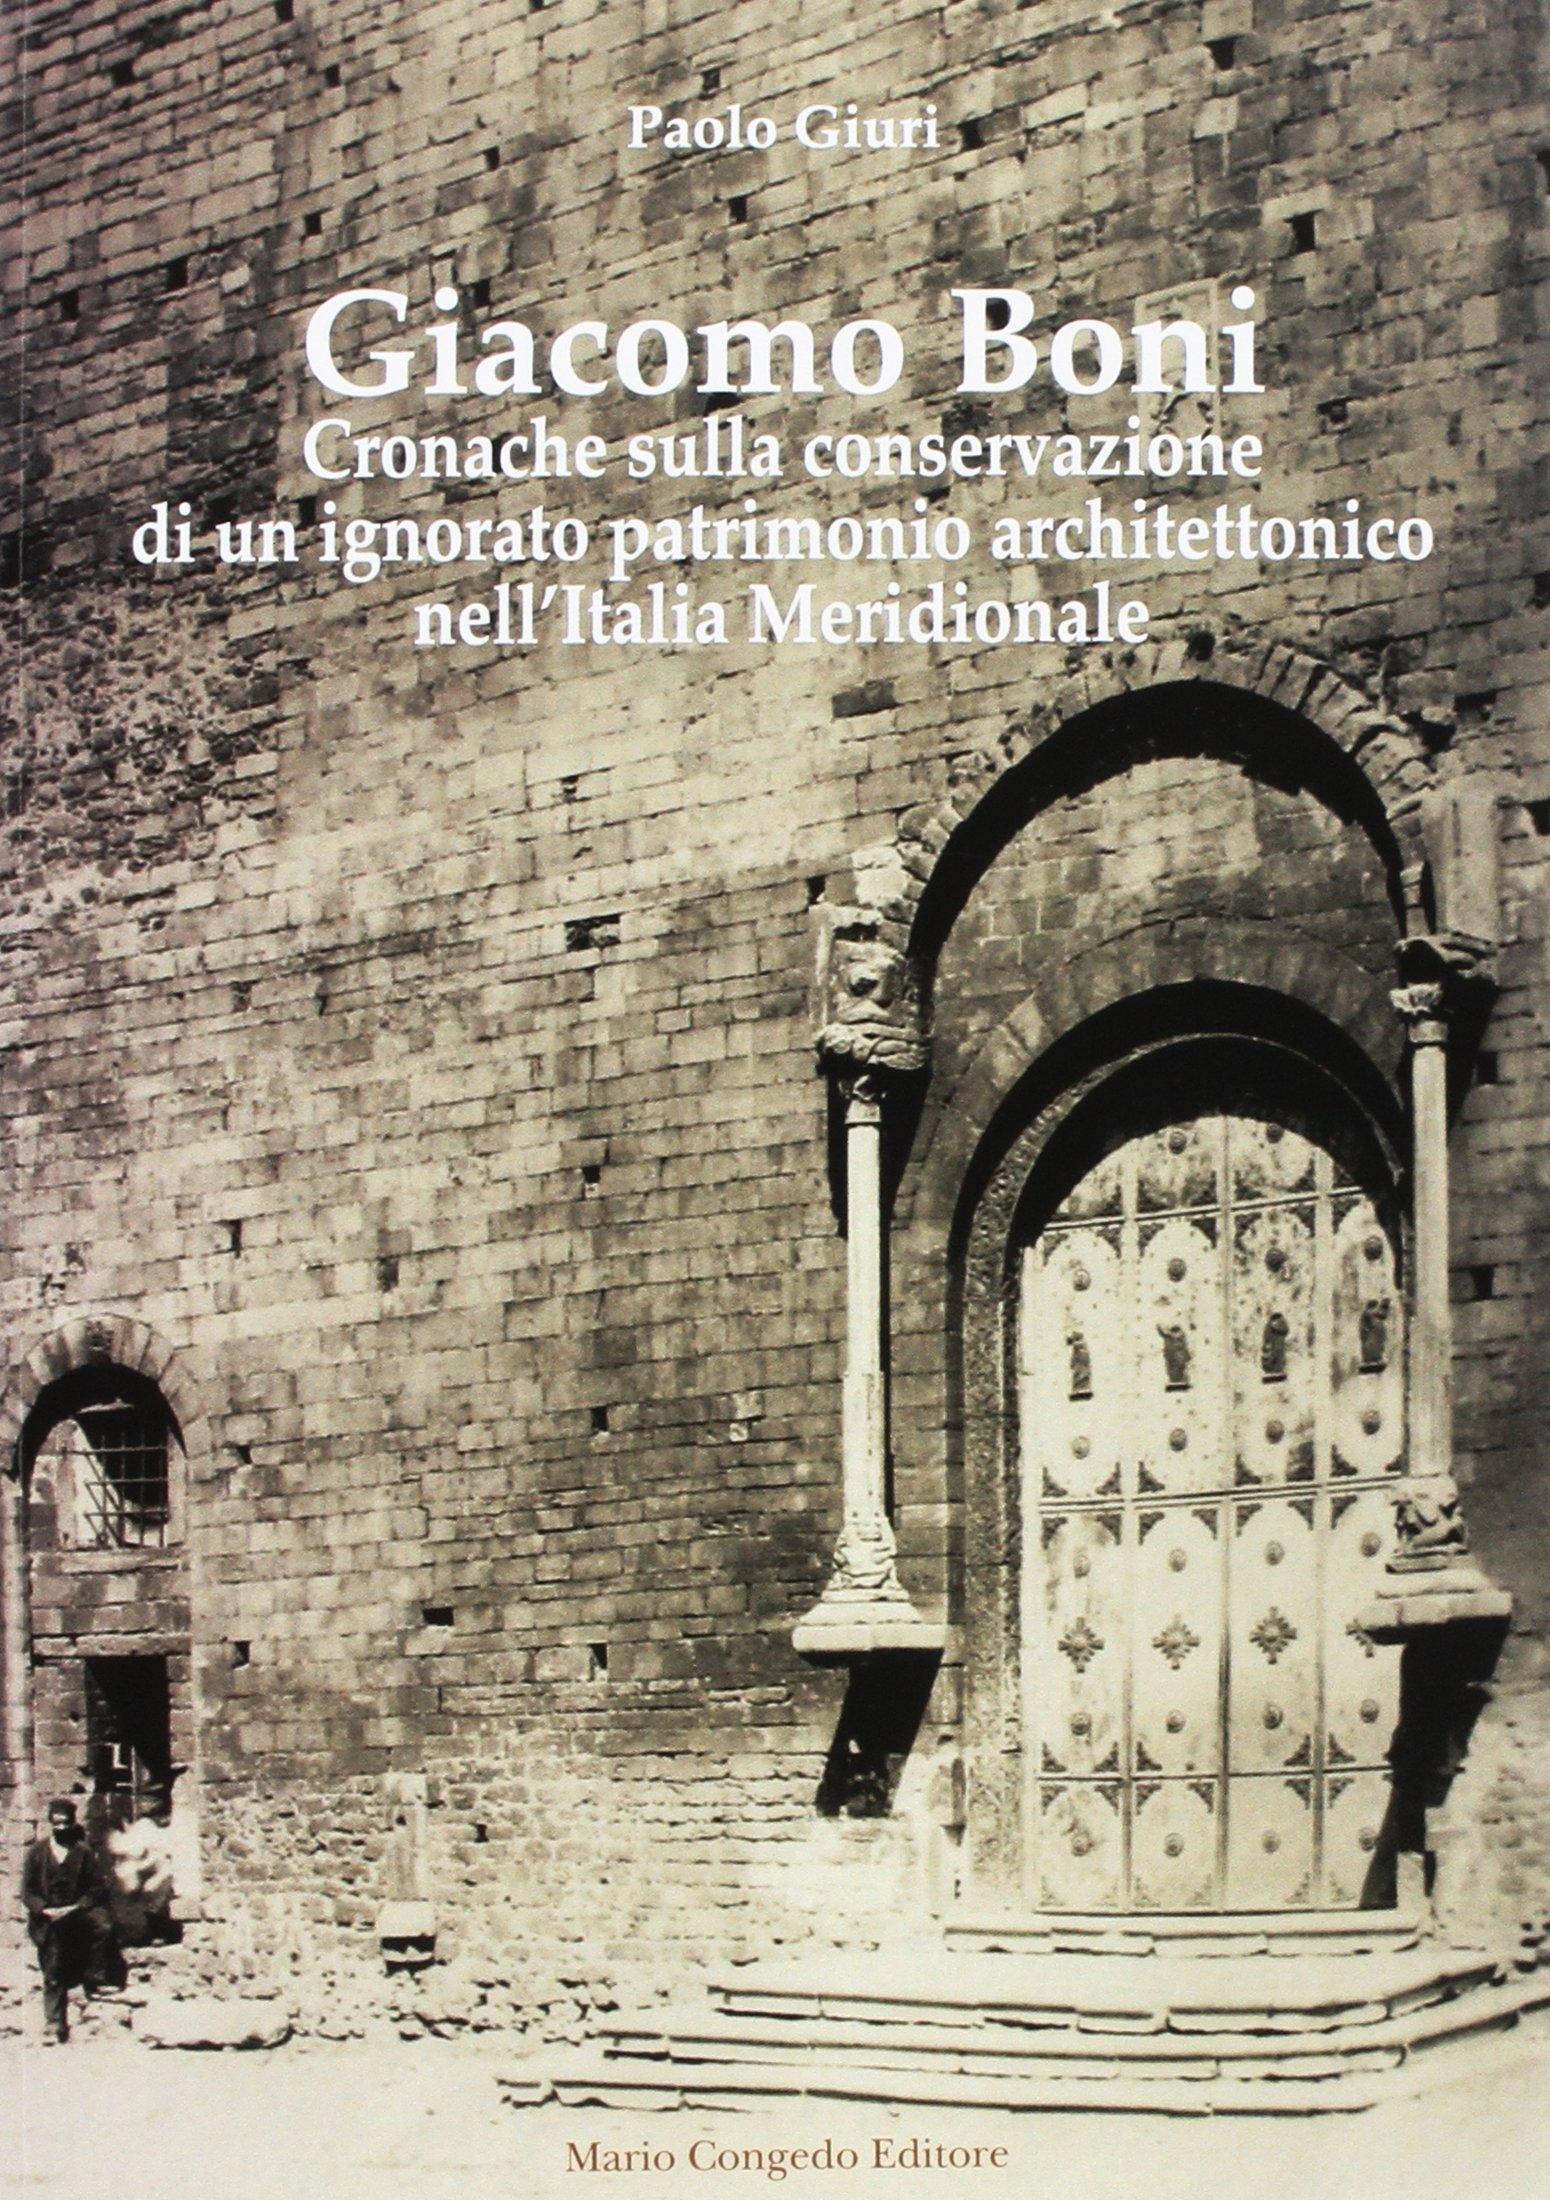 Giacomo Boni. Cronache sulla conservazione di un ignorato patrimonio architettonico nell'Italia Meridionale